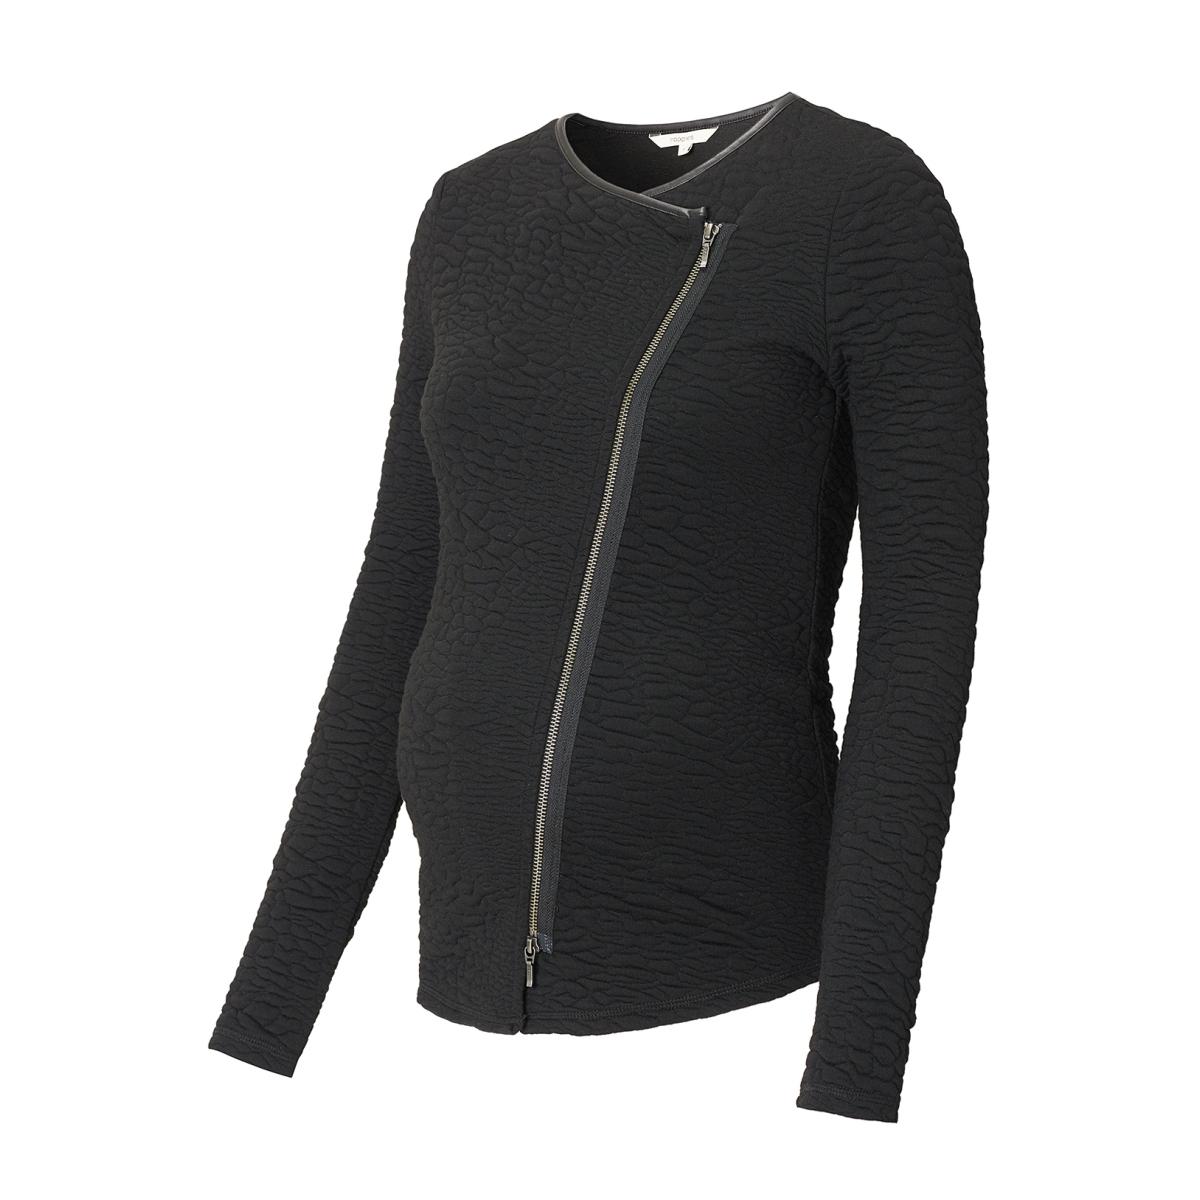 70829 cardigan siri noppies positie vest black